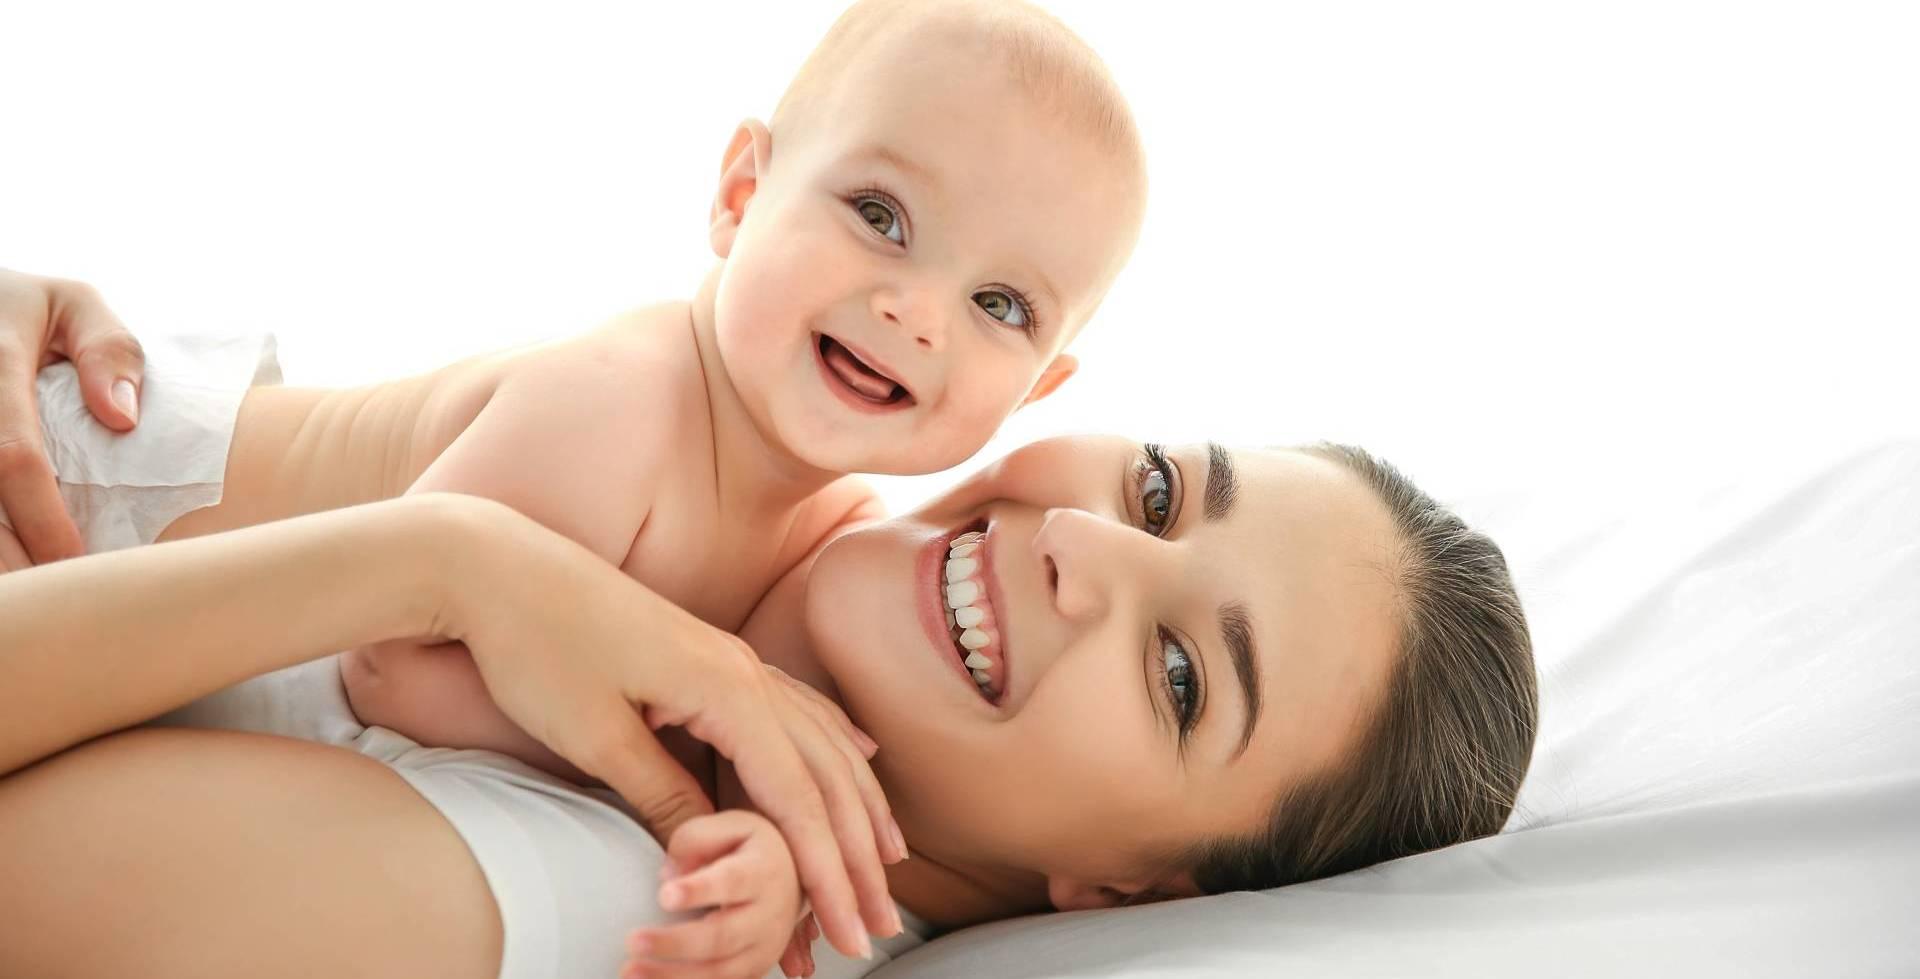 Elterngeld, Elterngeld-Plus, Mutterschaftsgeld, Kindergeld, Elternzeit